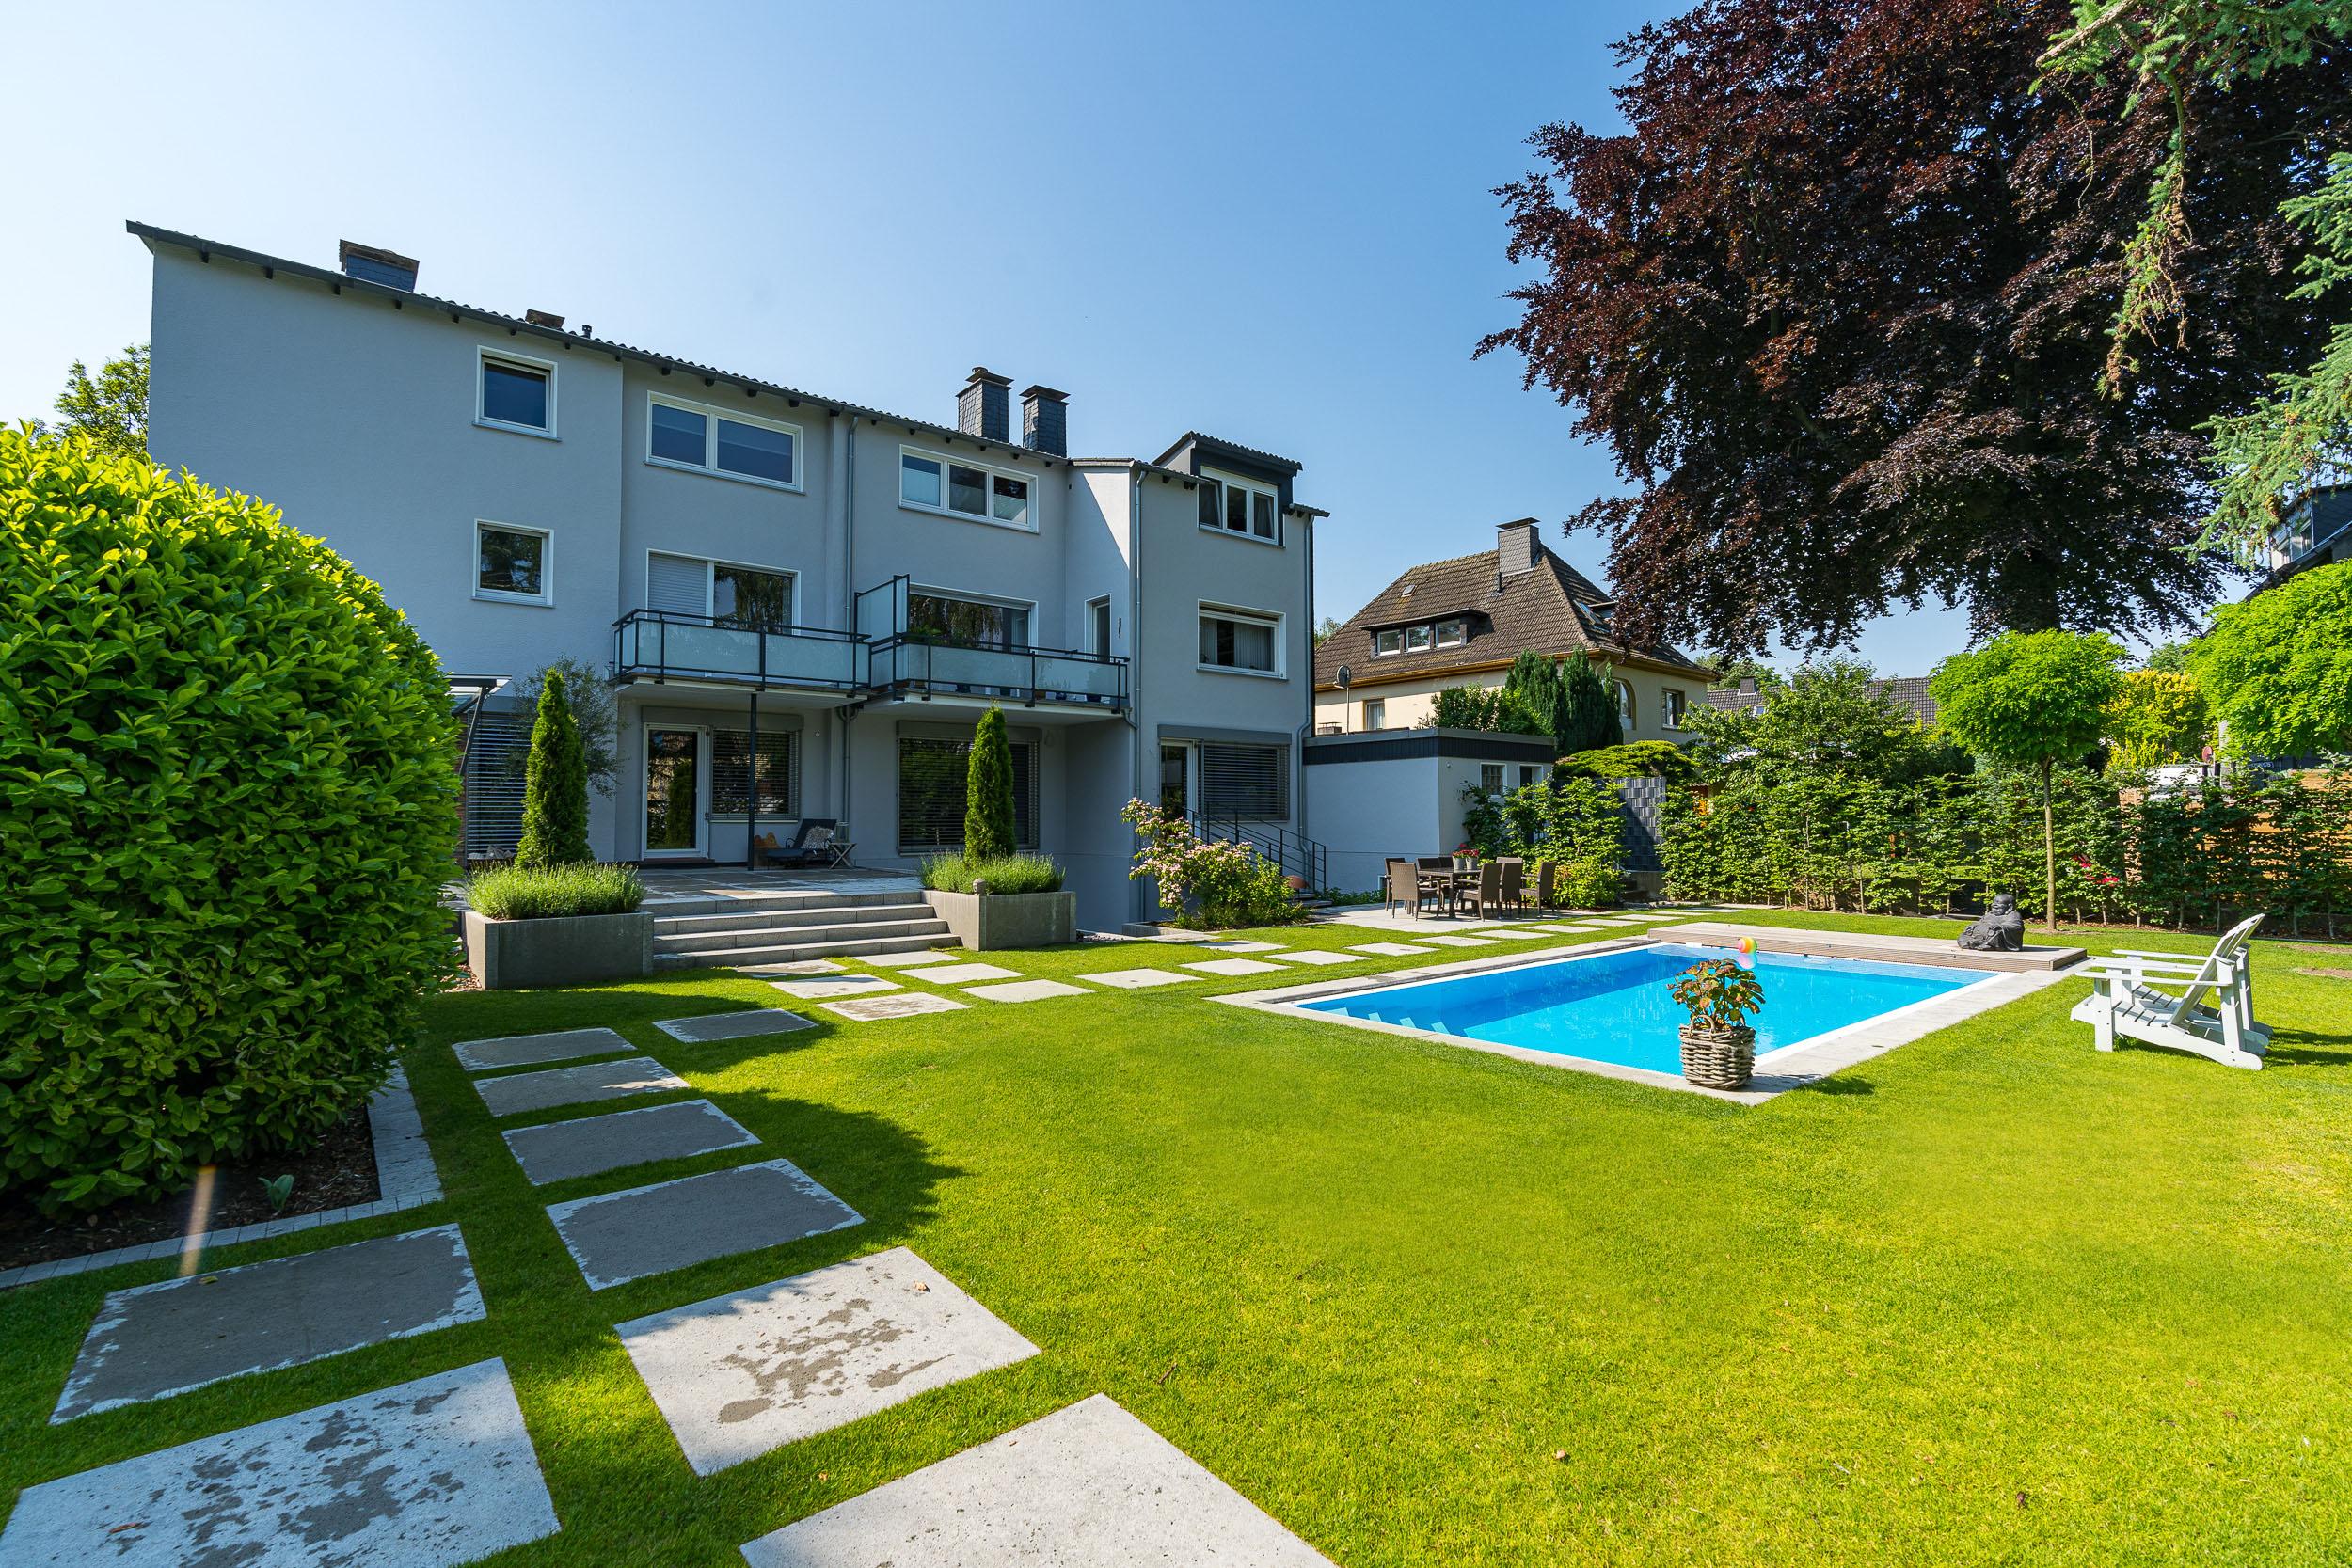 privatgarten mit pool wei ner garten und landschaftsbau. Black Bedroom Furniture Sets. Home Design Ideas